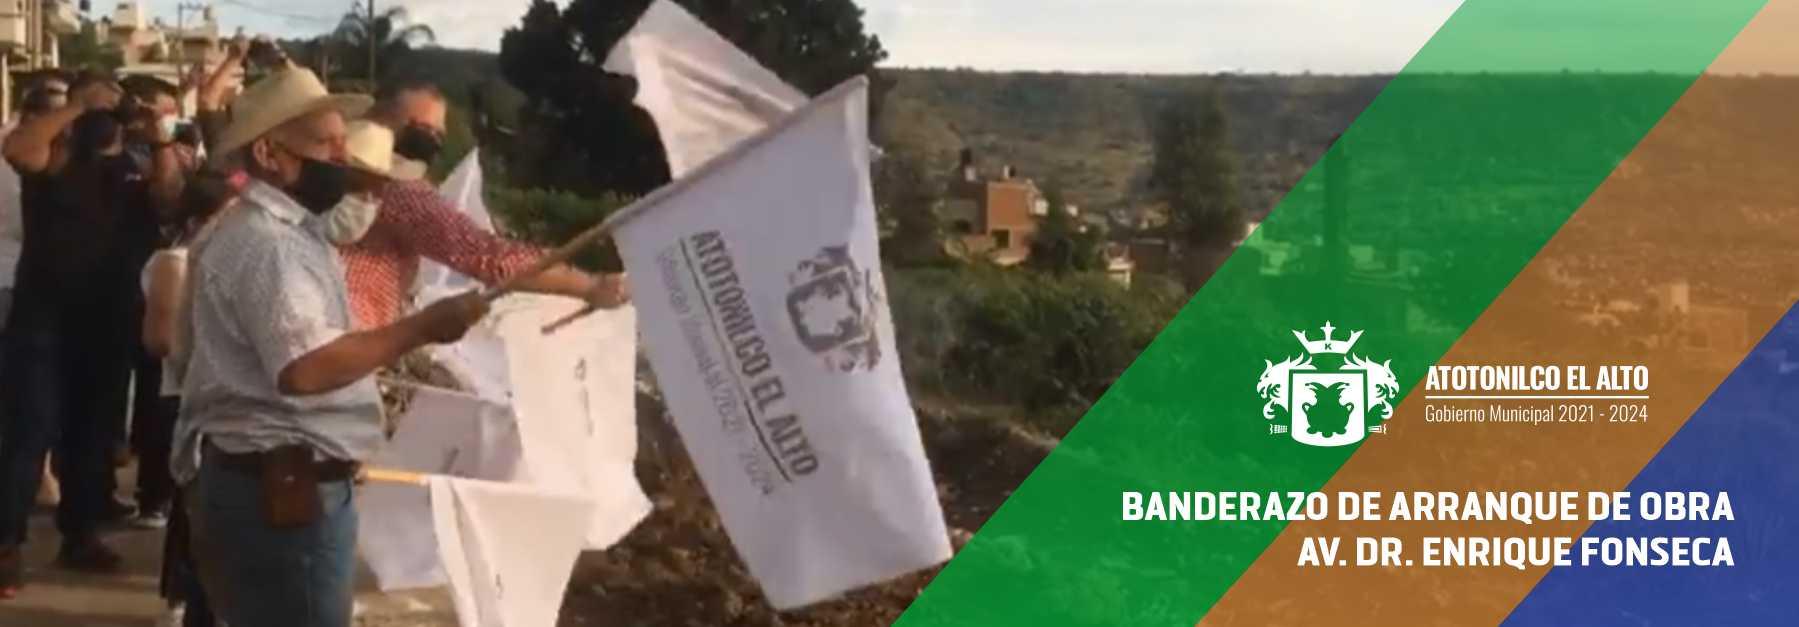 banner_arranquedeobra